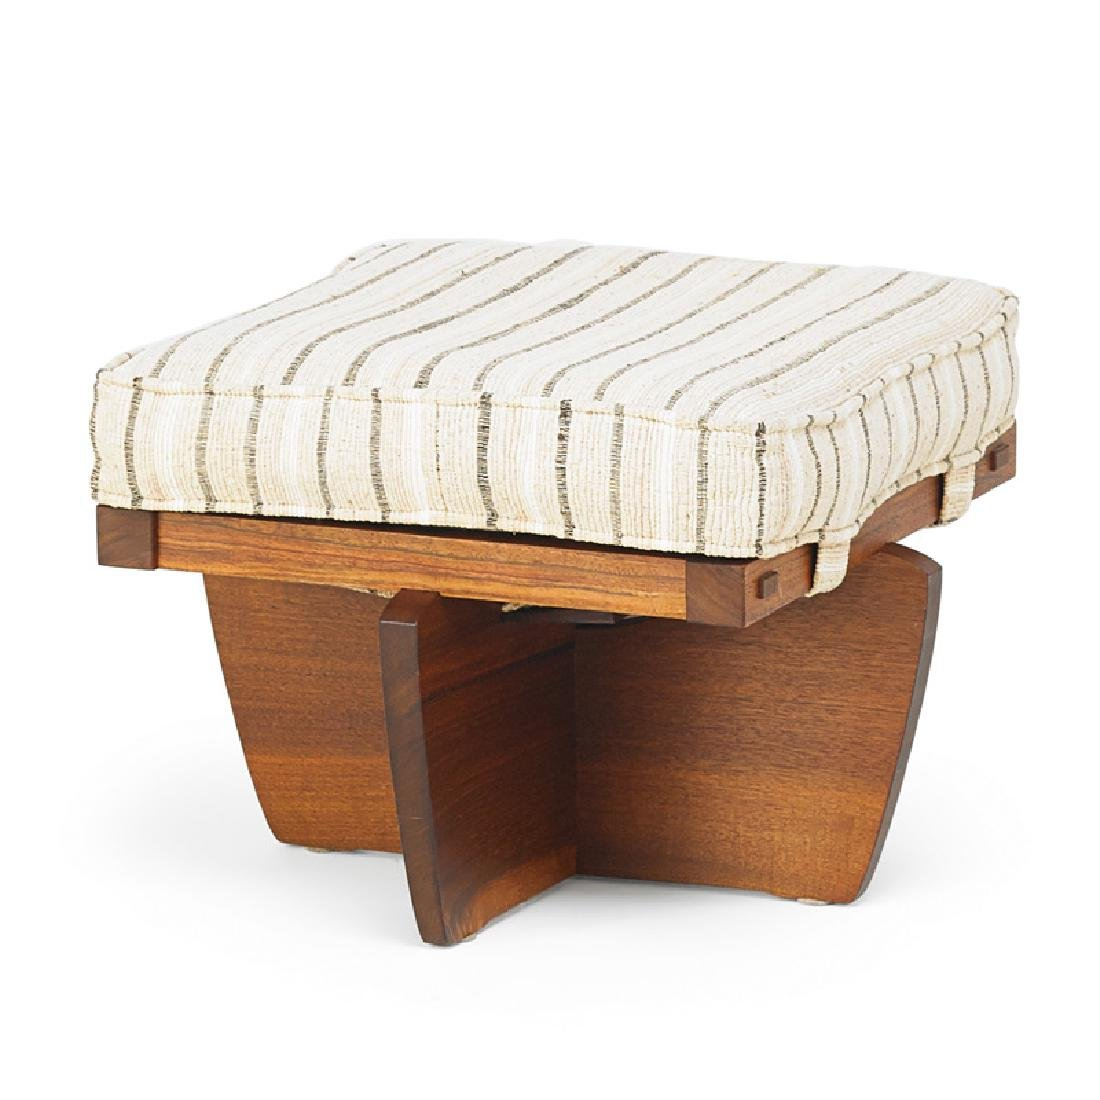 GEORGE NAKASHIMA Greenrock stool